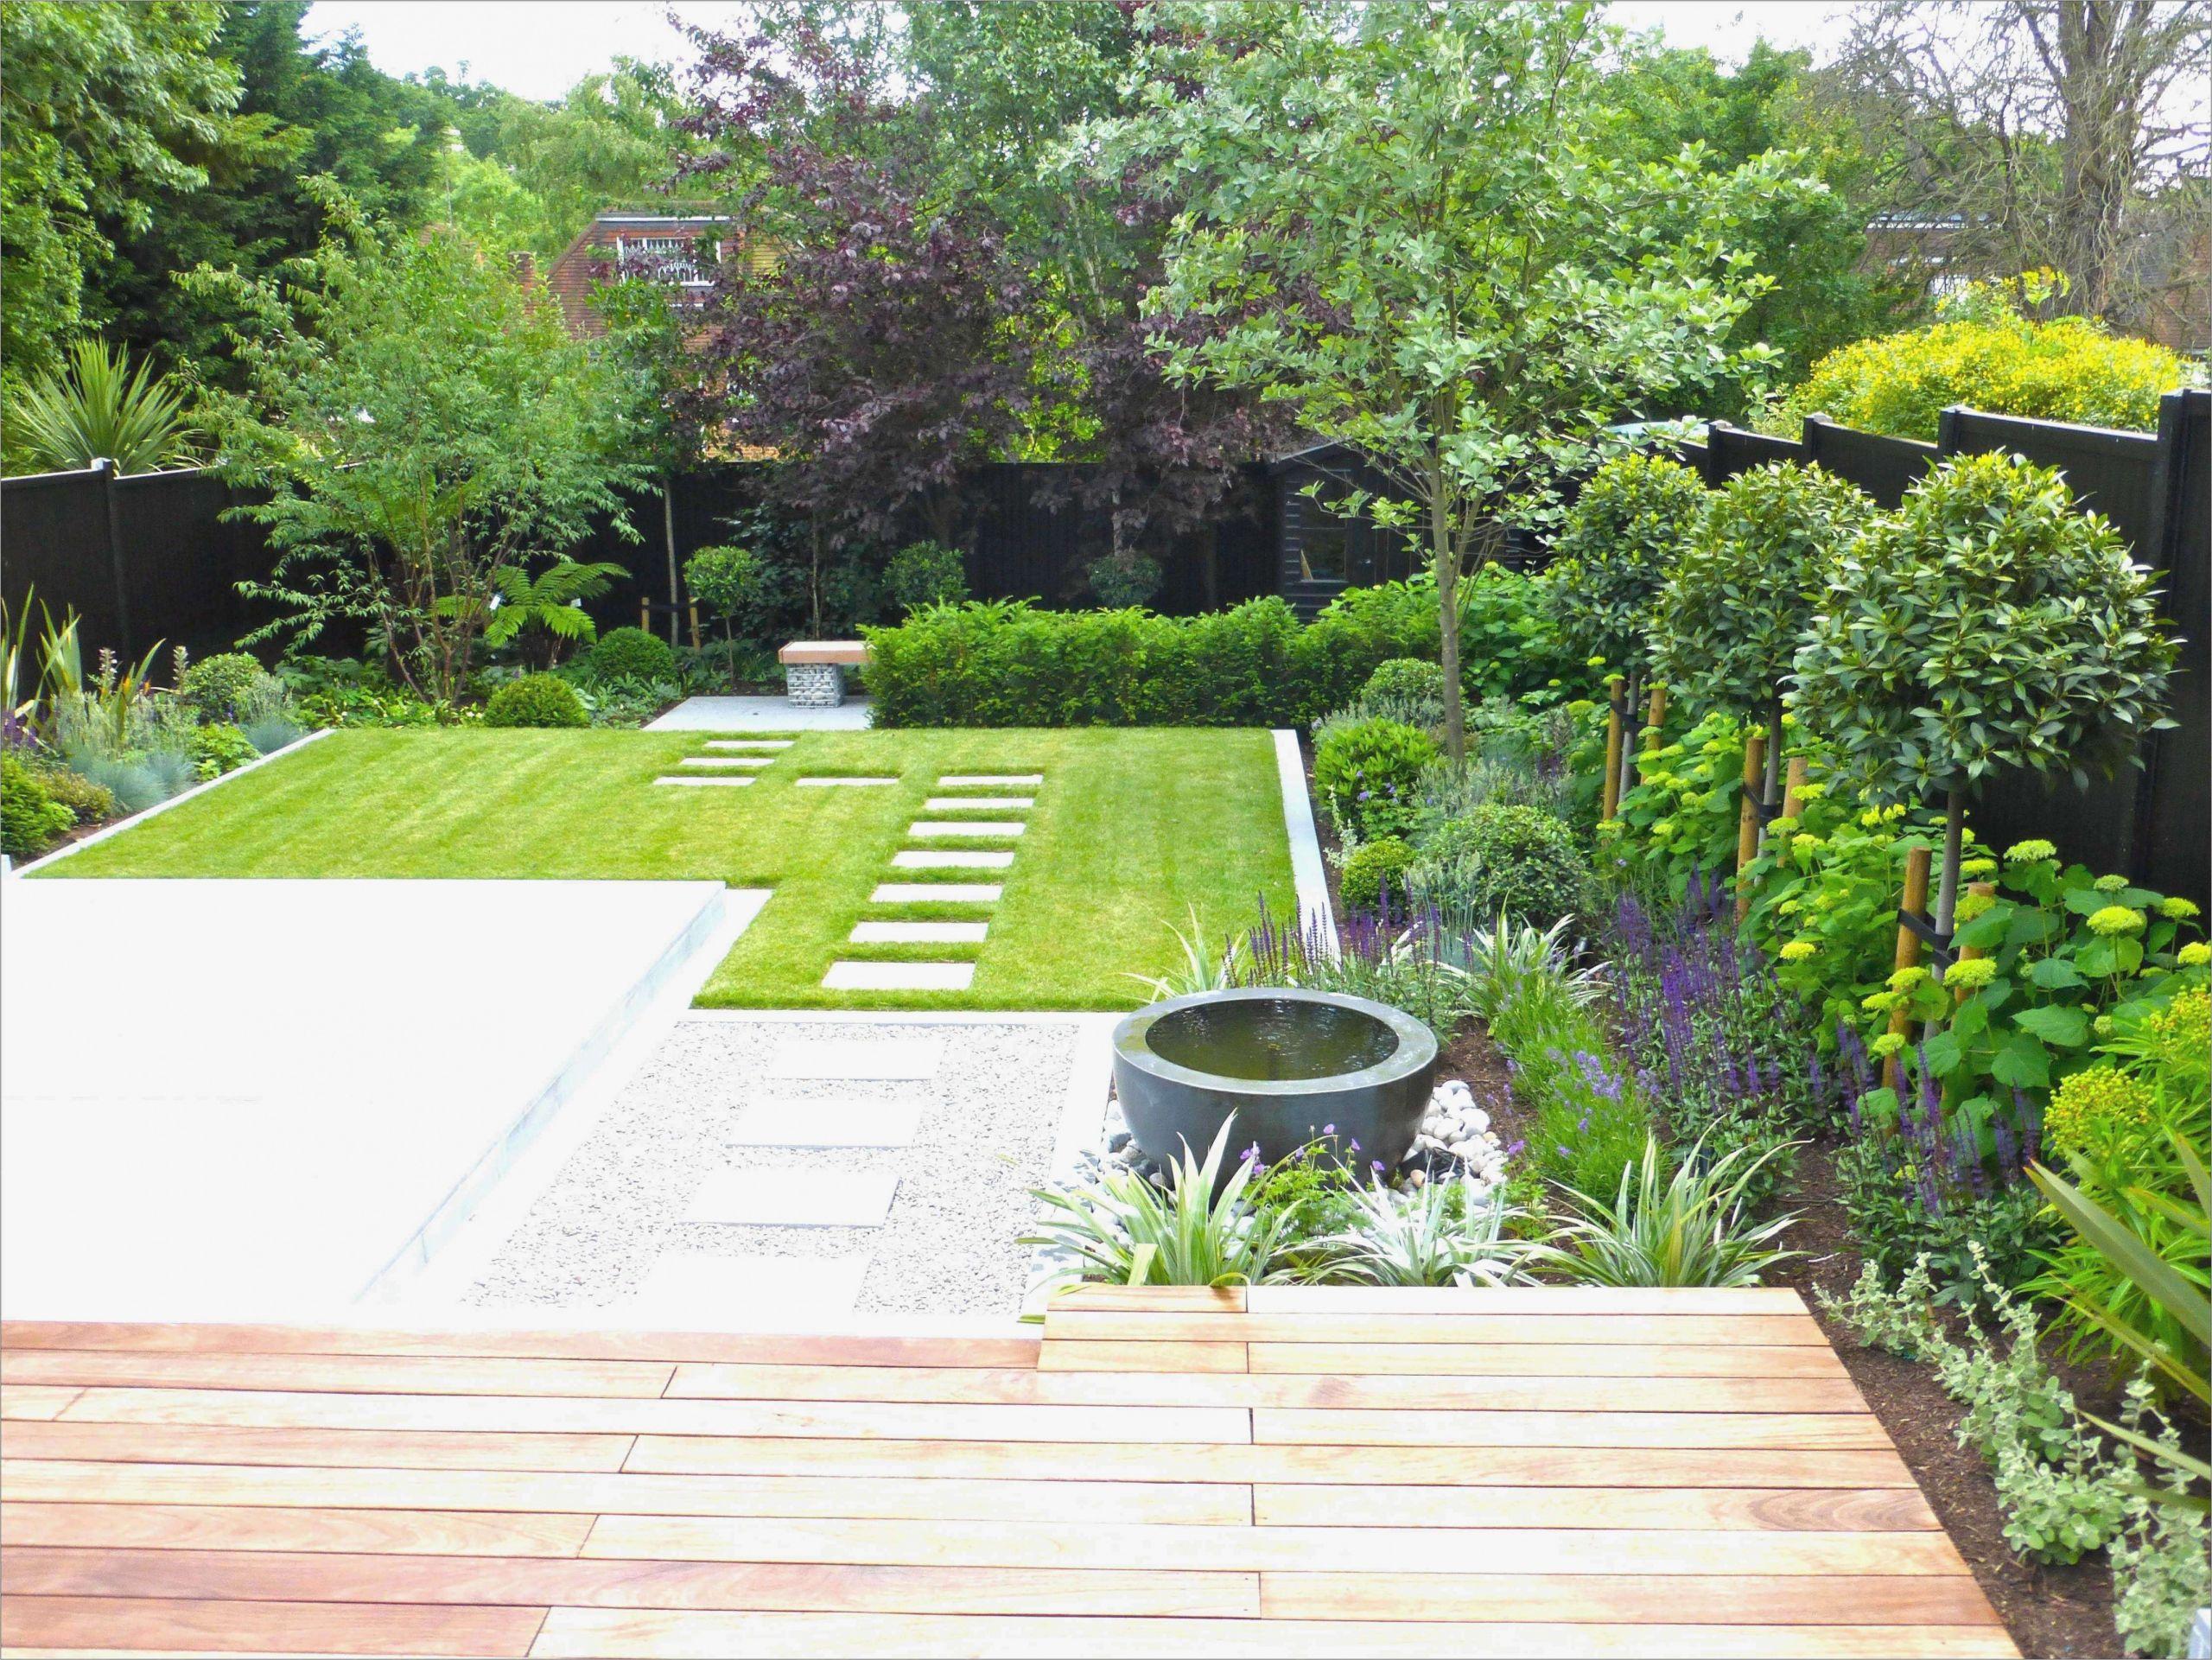 Gartengestaltung Pavillon Ideen Schön 23 Einzigartig Ideen Für Garten Gestalten